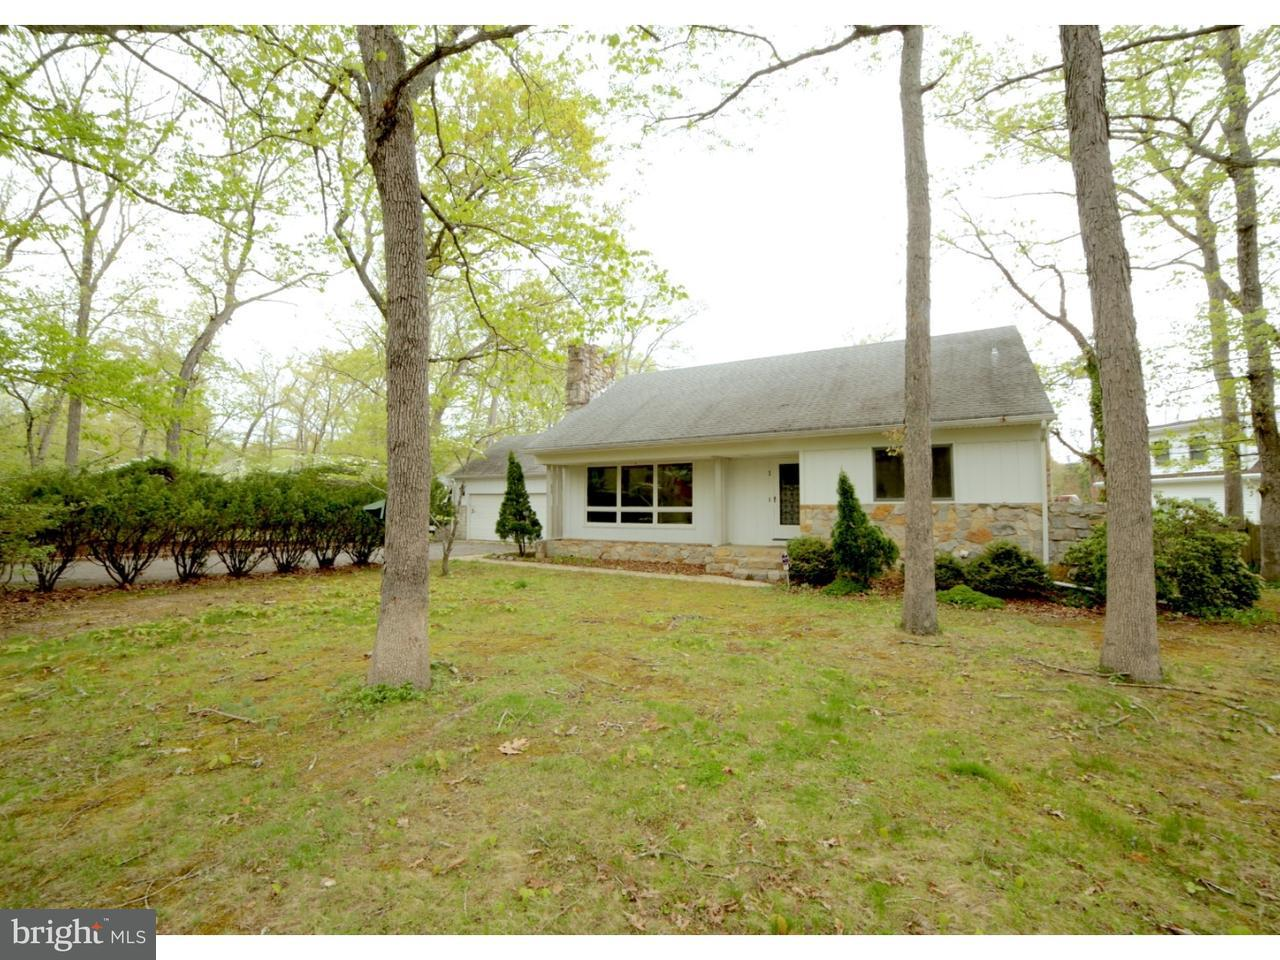 独户住宅 为 销售 在 1 PECAN Lane Browns Mills, 新泽西州 08015 美国